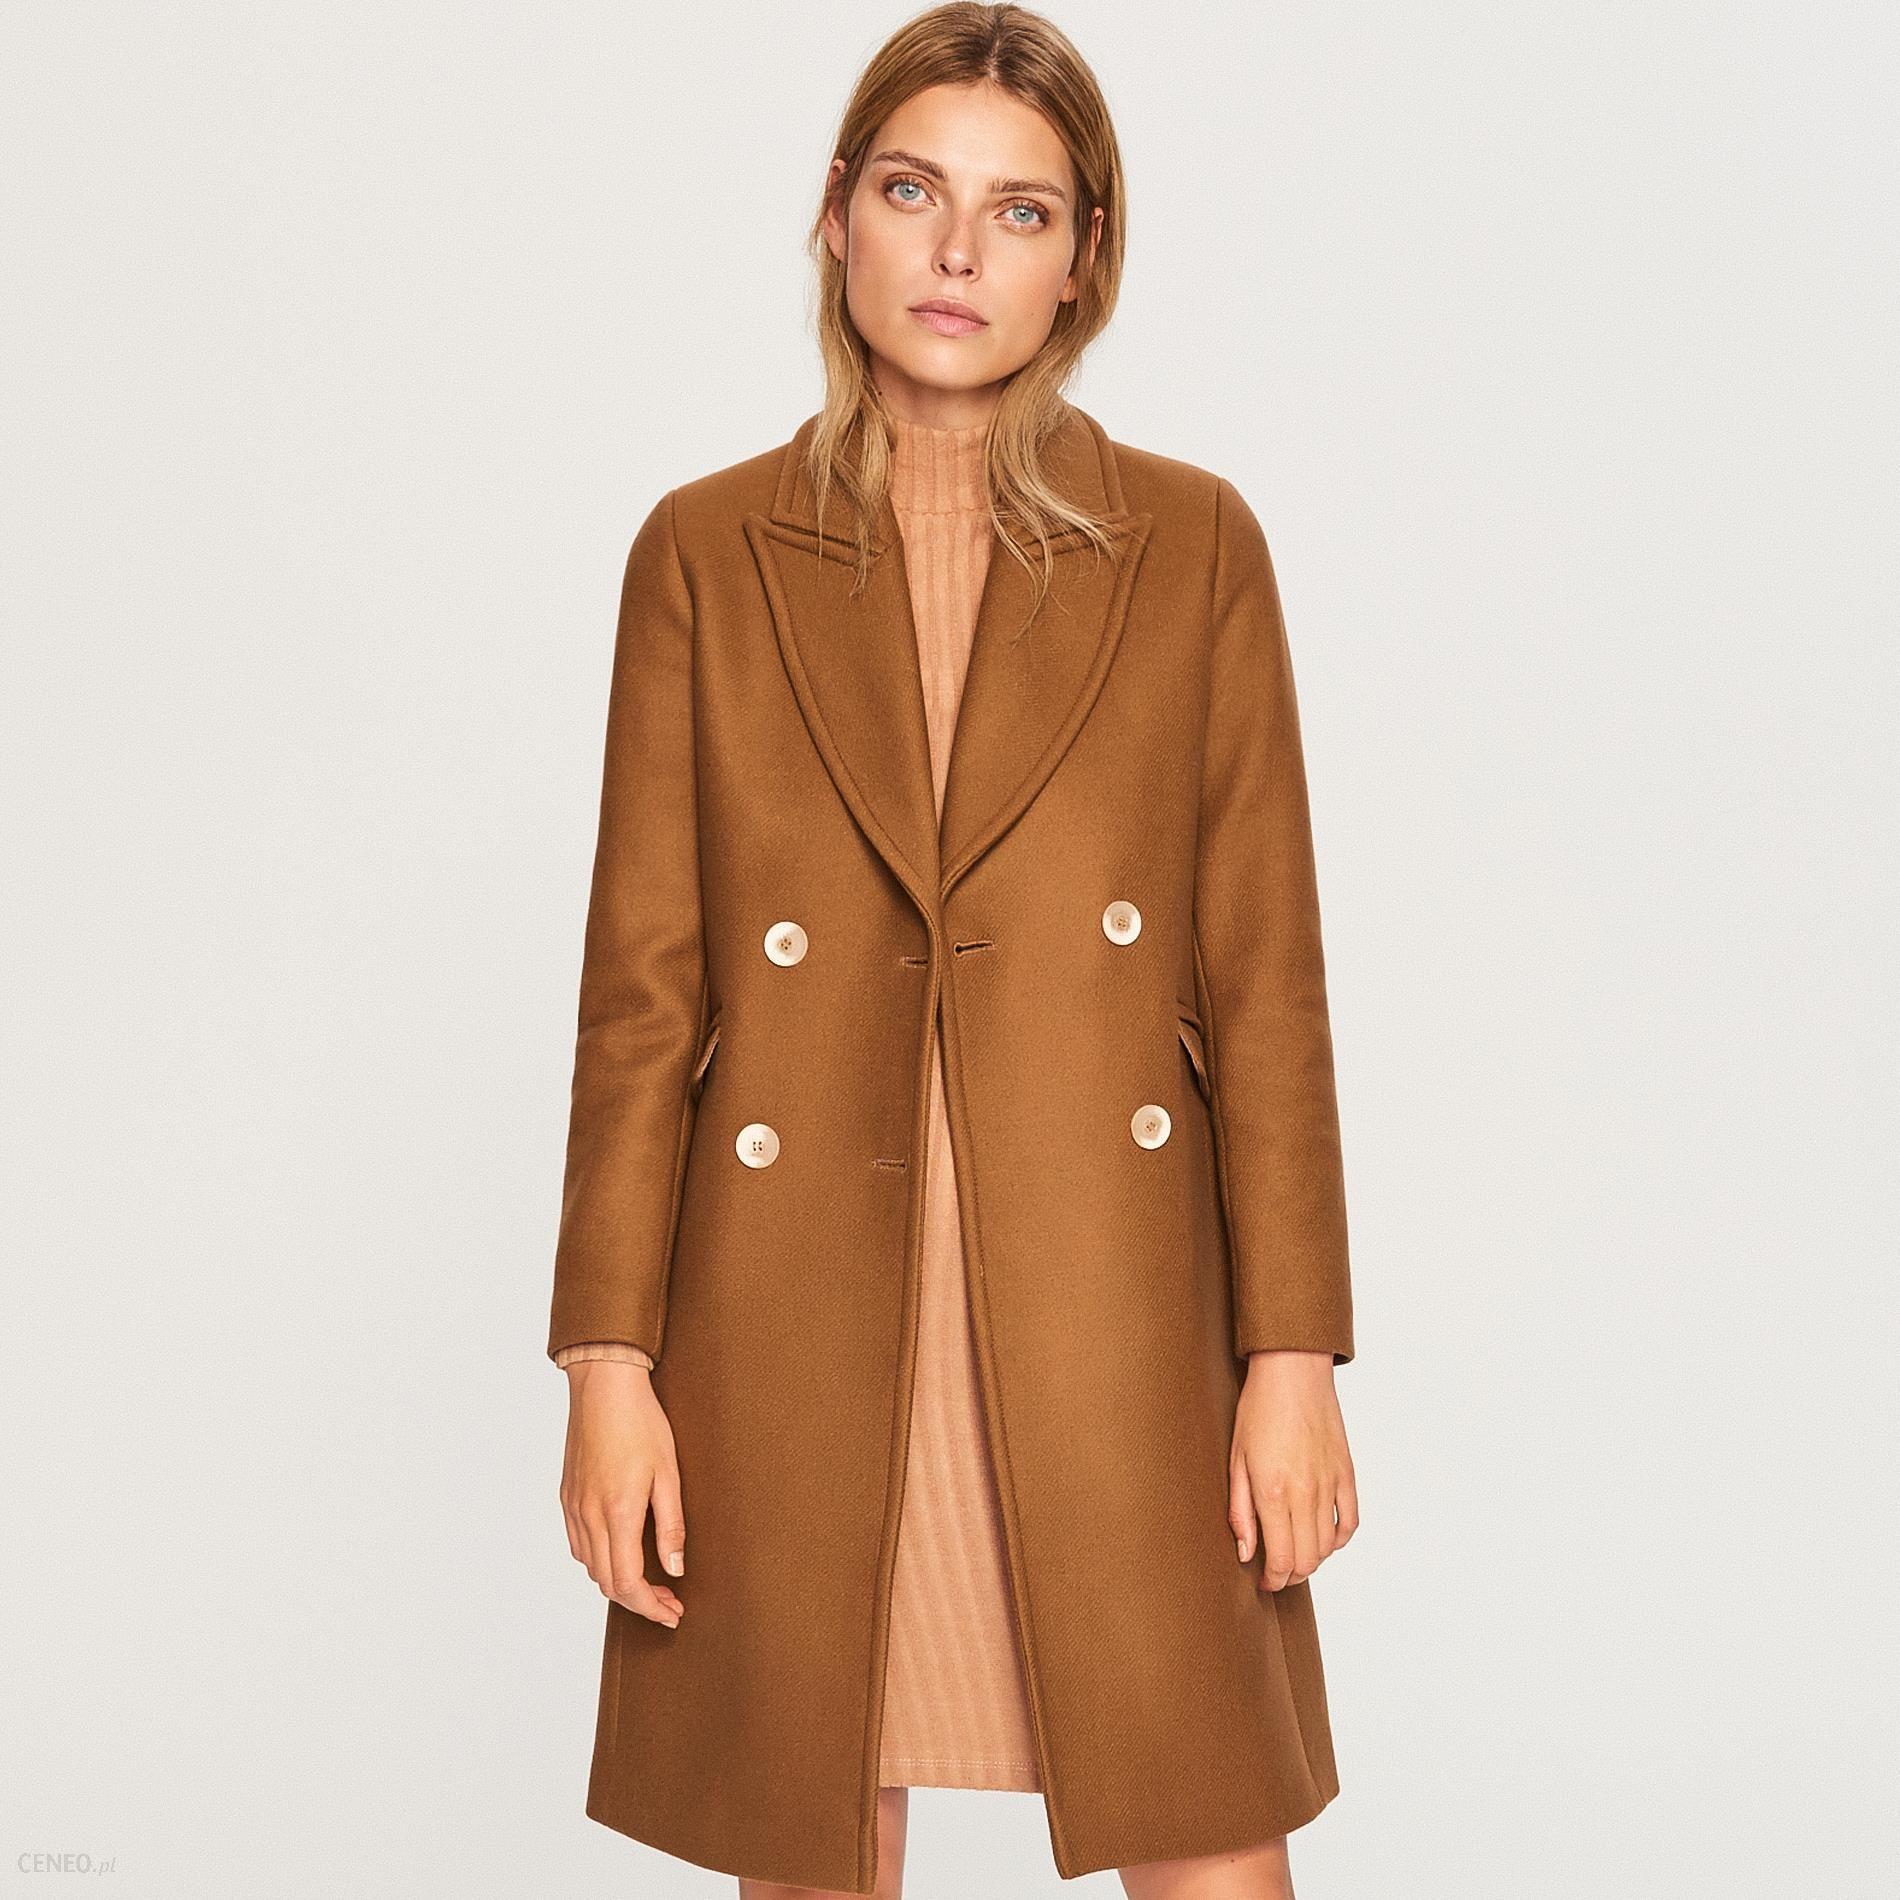 fa902589b0ffe Reserved - Wełniany płaszcz z domieszką kaszmiru - Brązowy - Ceny i ...